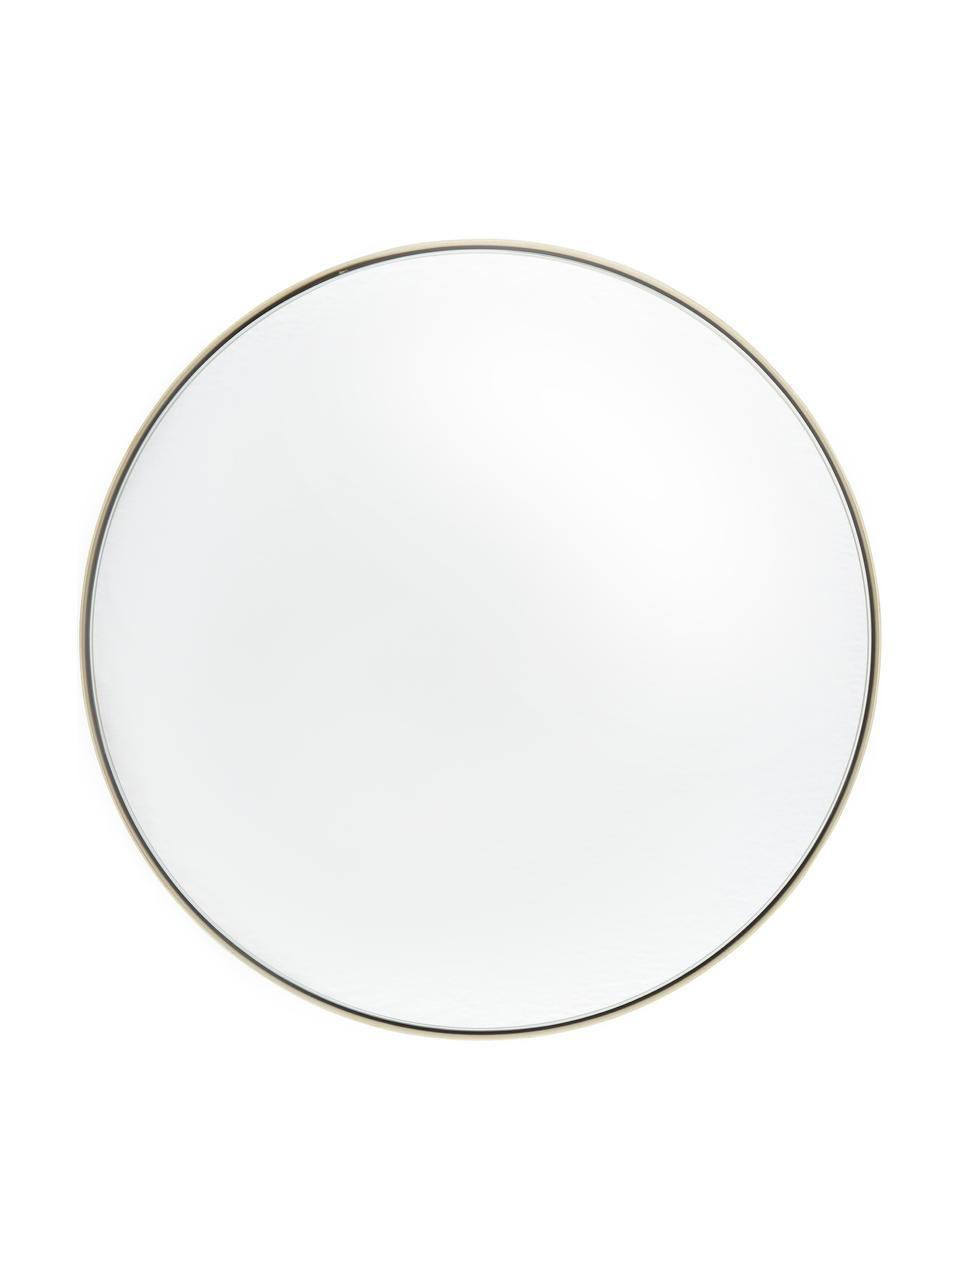 Kulaté nástěnné zrcadlo Ivy, Mosazná